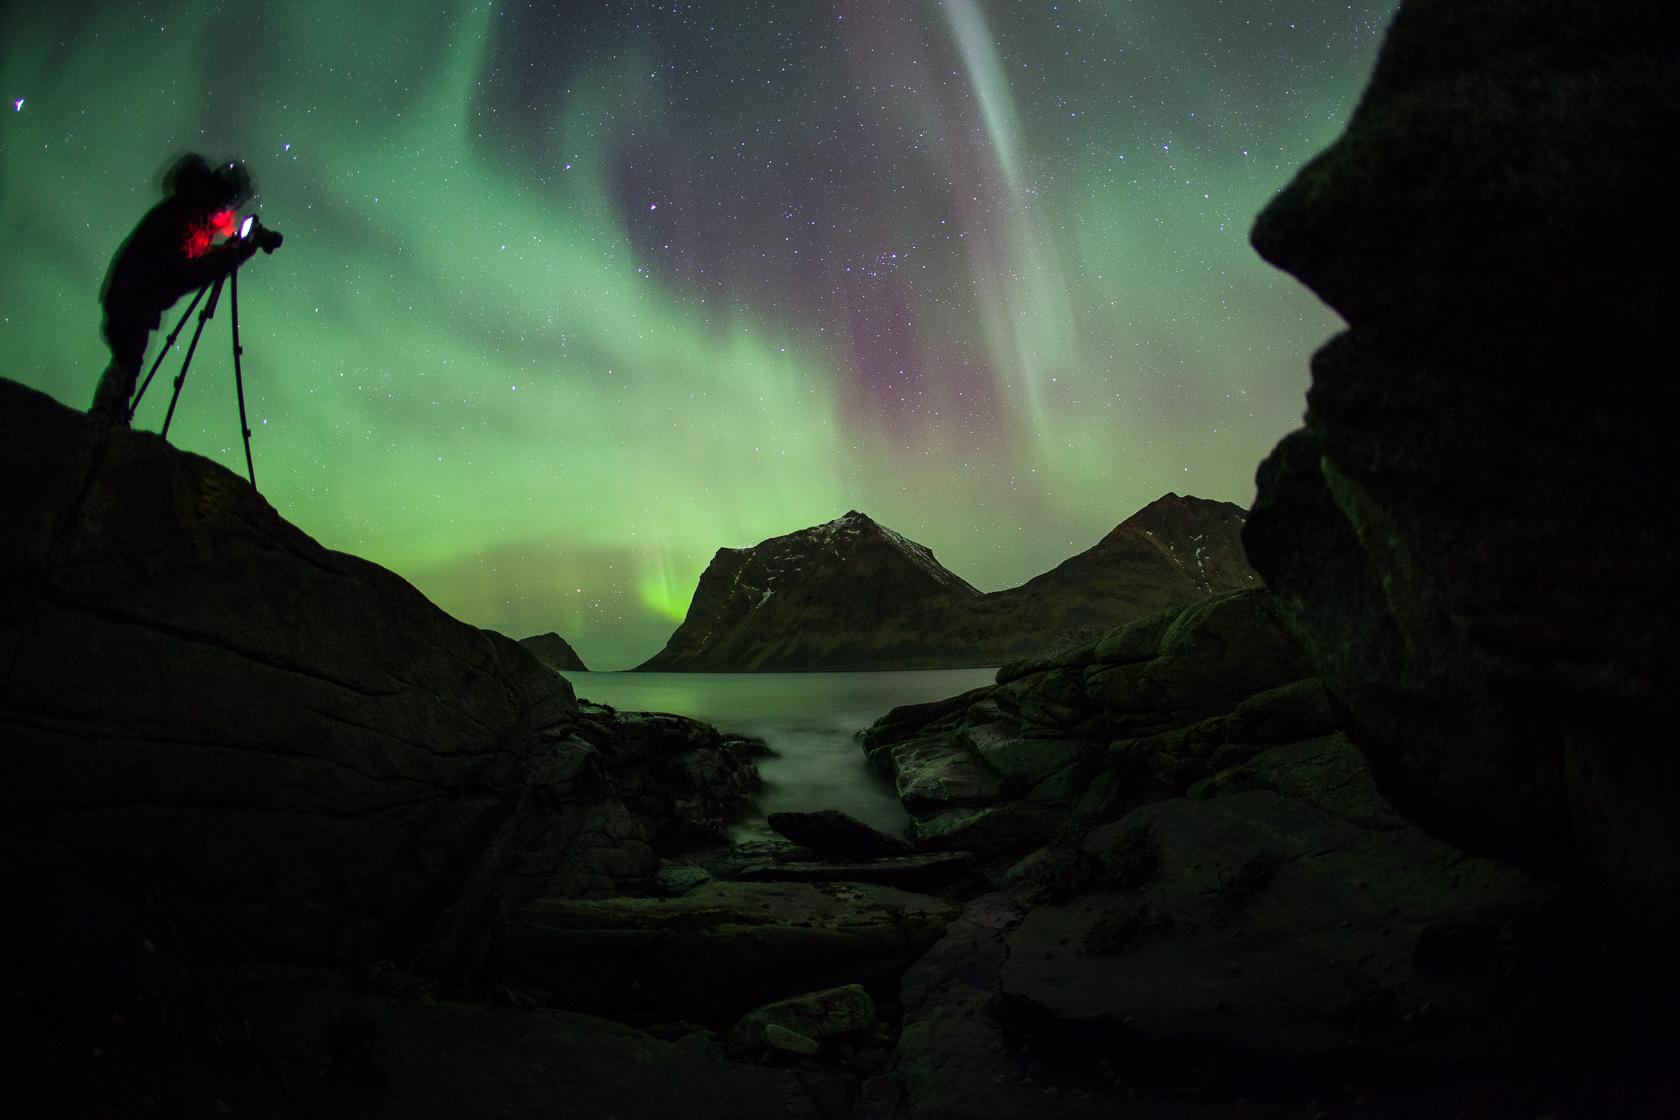 photographe photographiant les aurores boréales durant un voyage photo dans les îles Lofoten, en Norvège